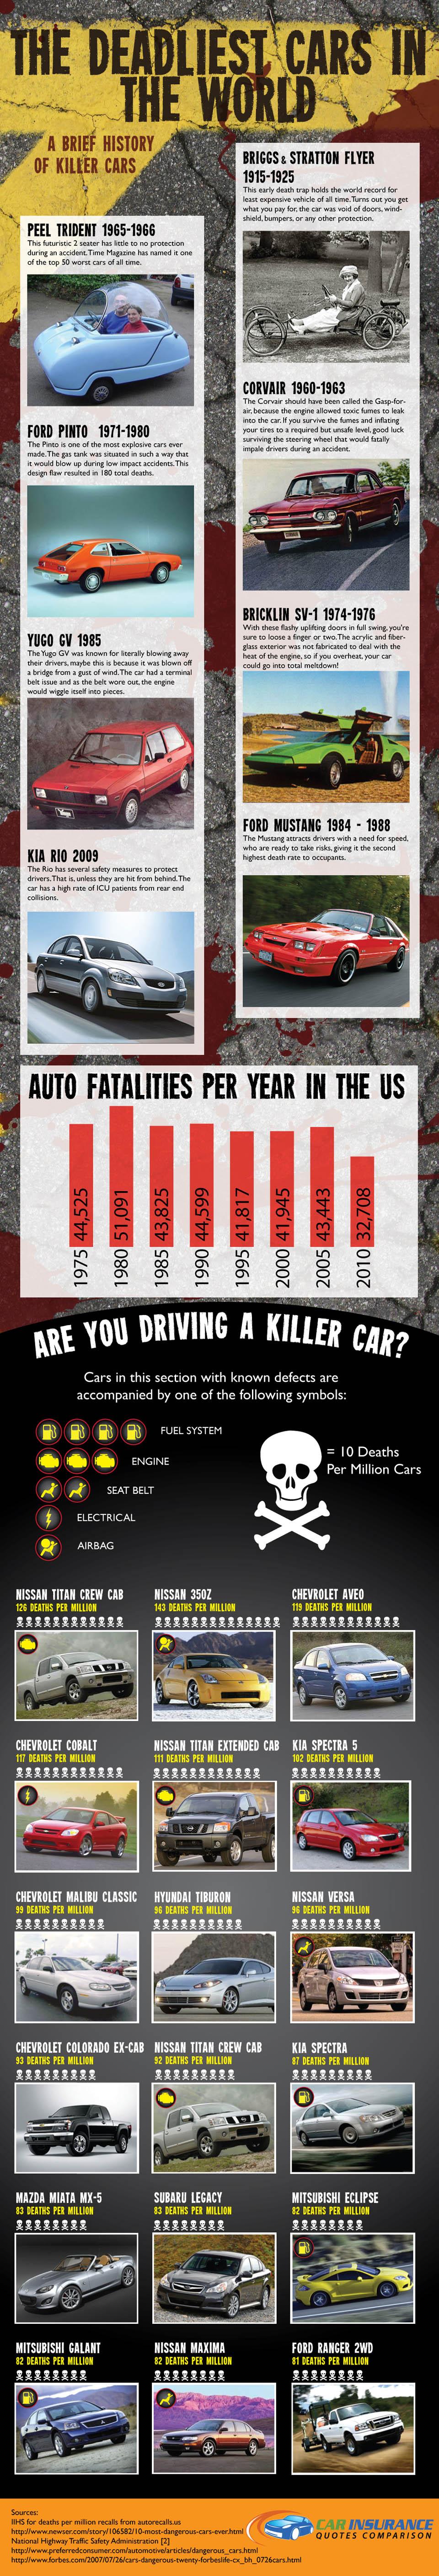 deadliest cars